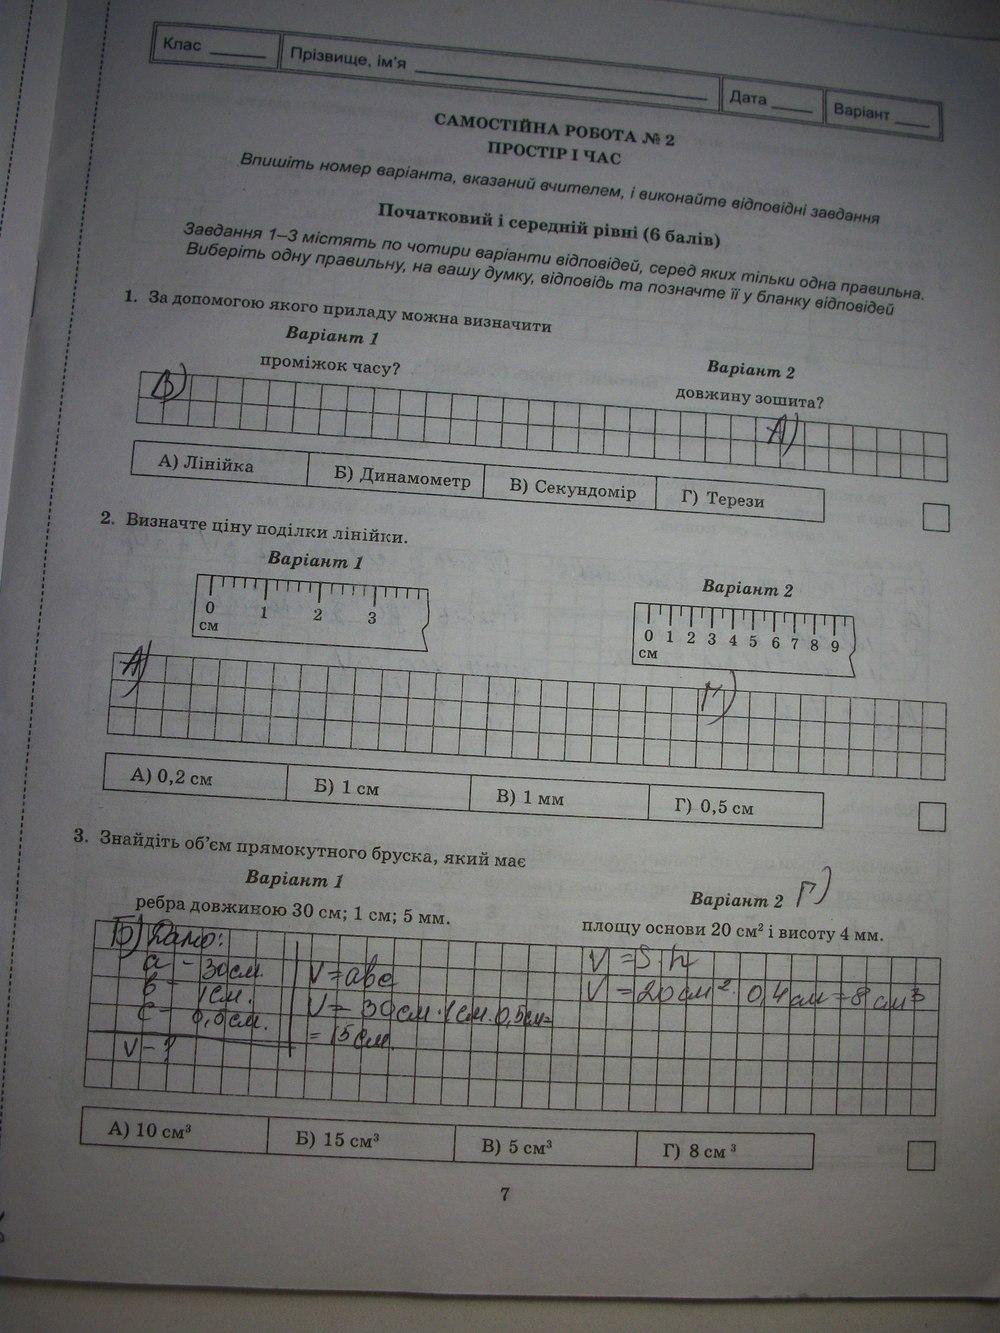 ГДЗ по физике 7 класс Чертіщева М. О.. Задание: стр. 7